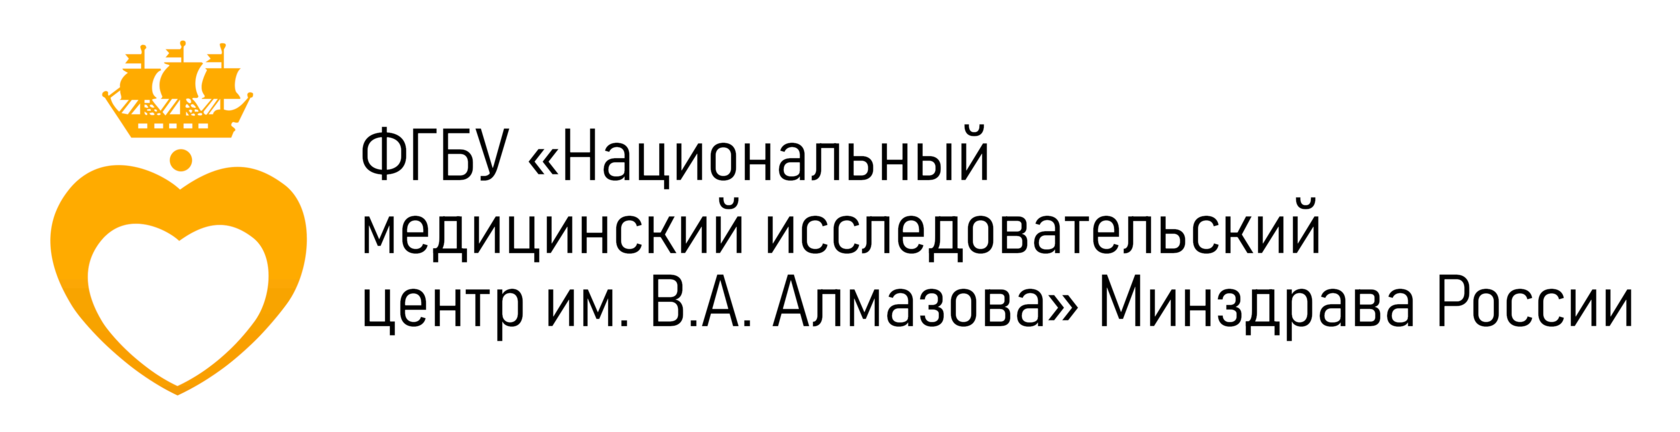 ФГБУ «Национальный медицинский исследовательский центр им. В.А. Алмазова» Минздрава России